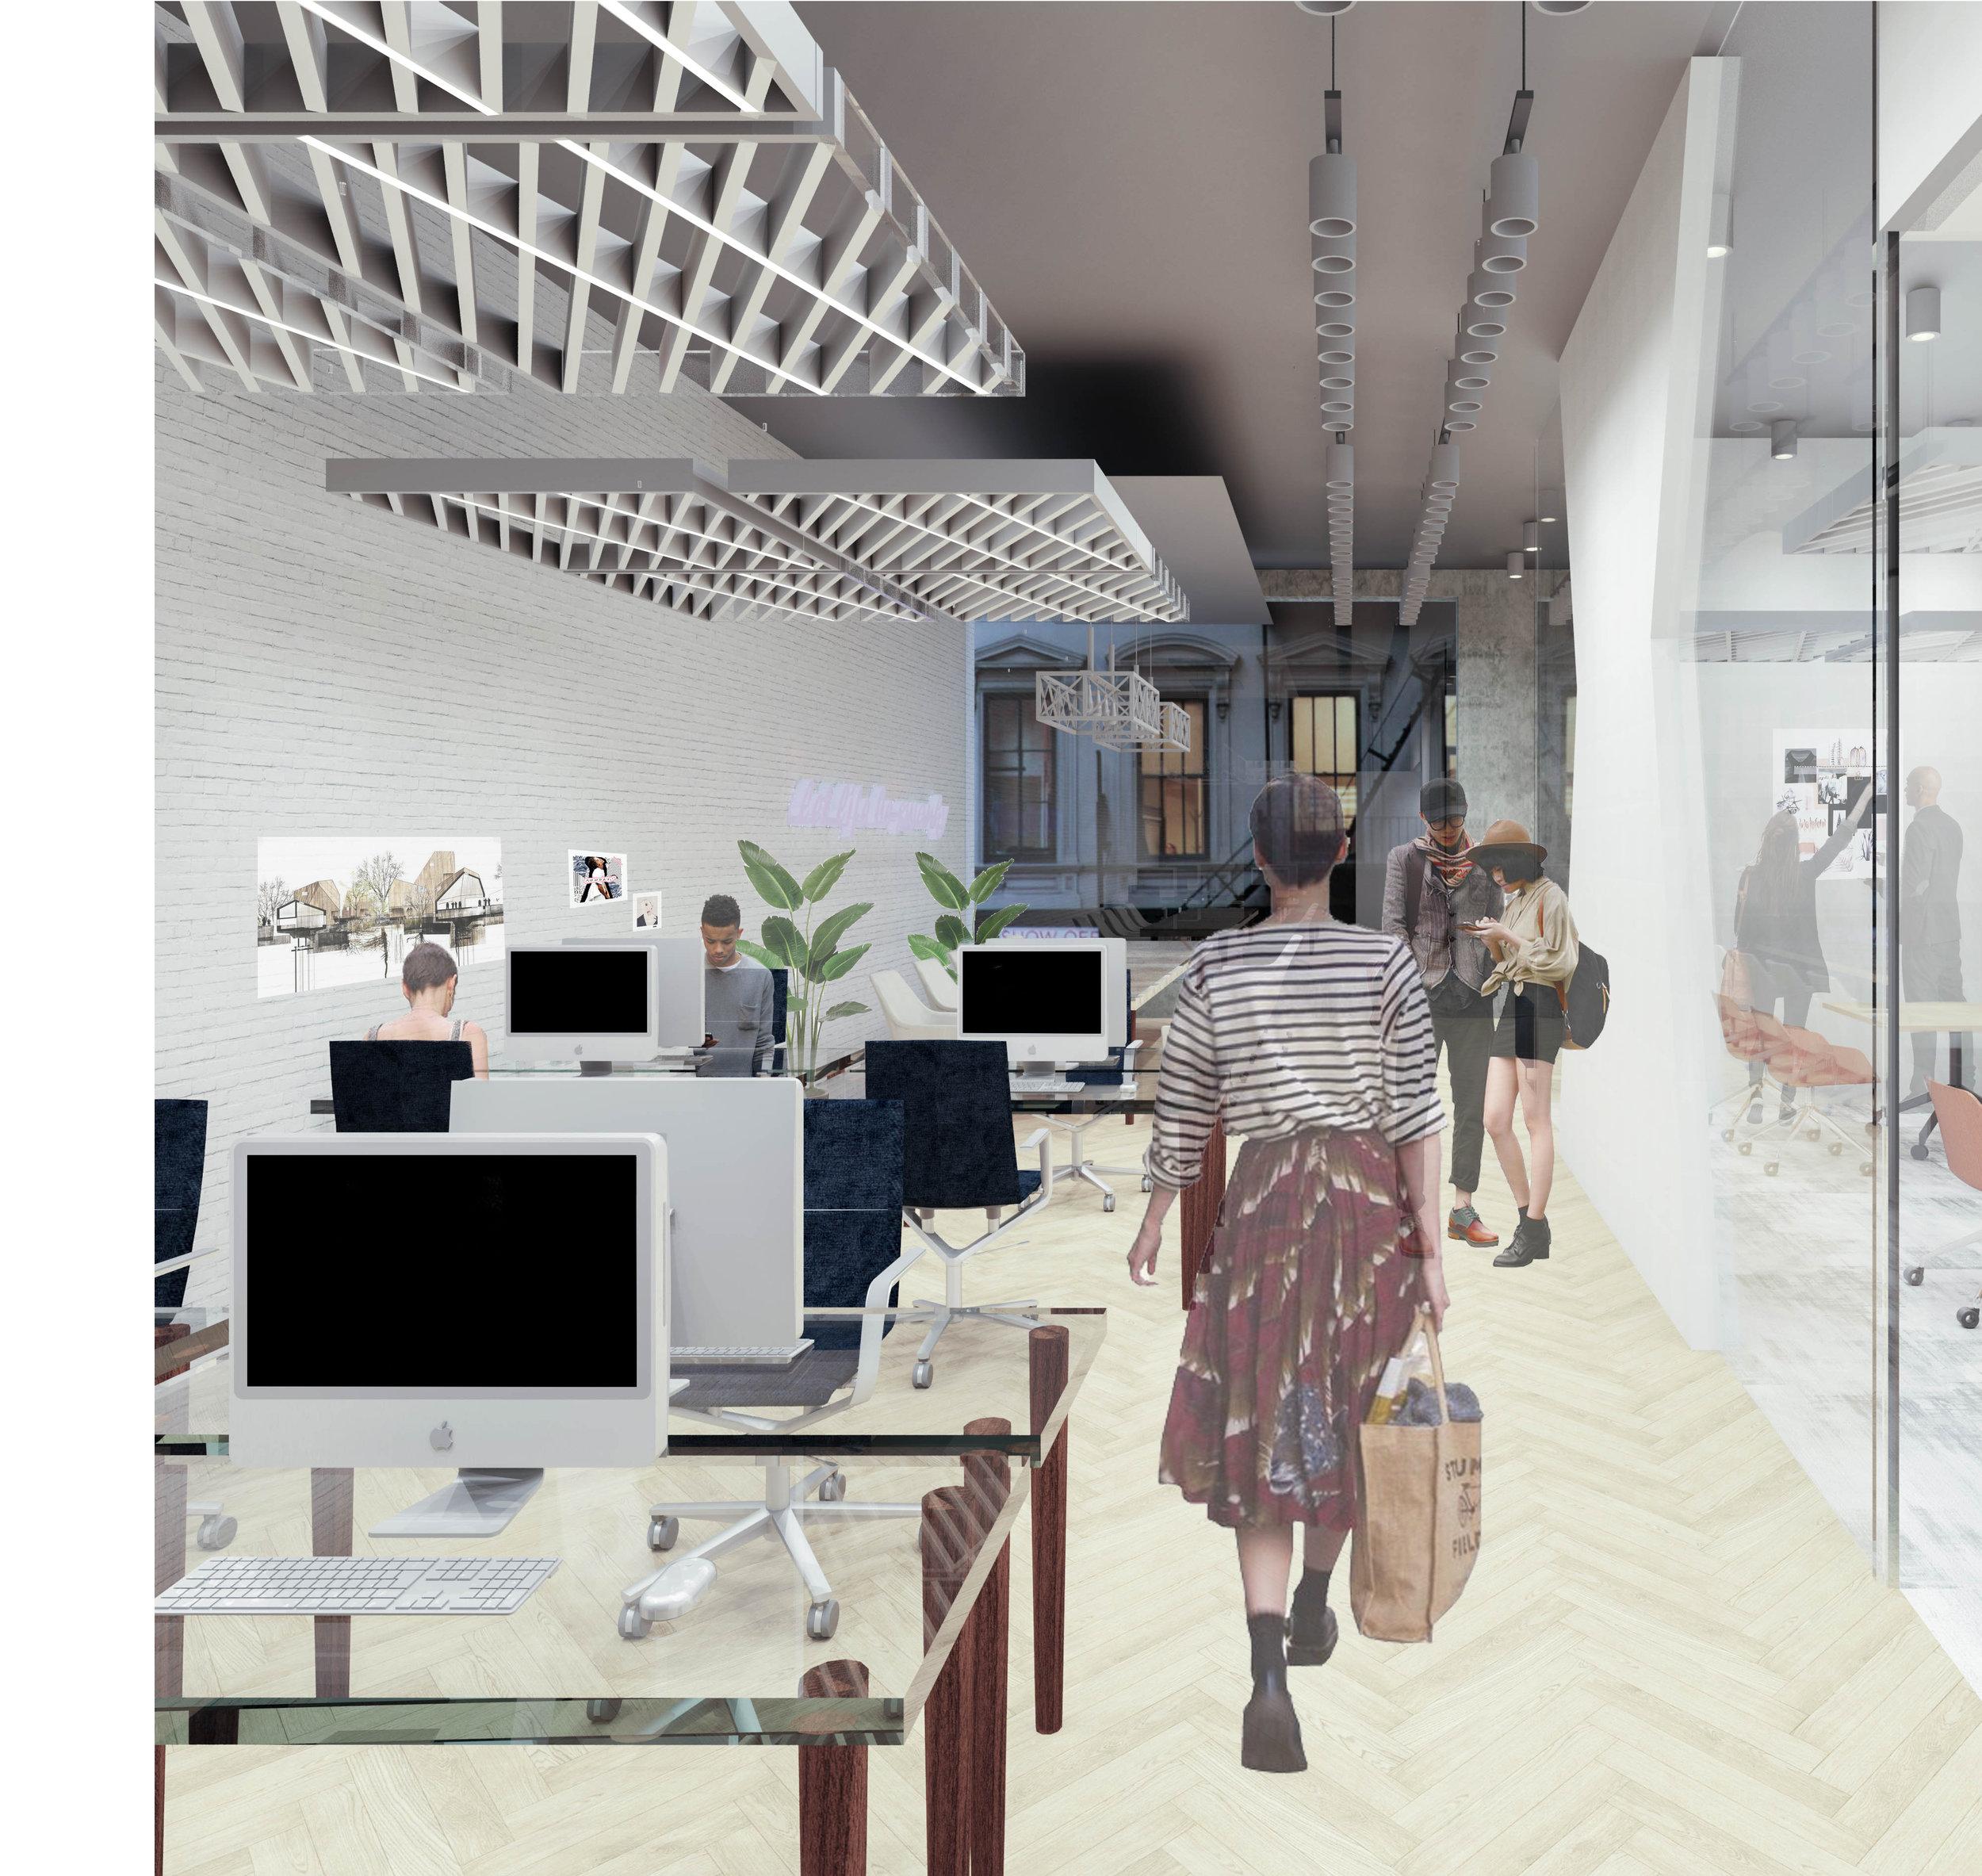 2nd Floor: Design Firm